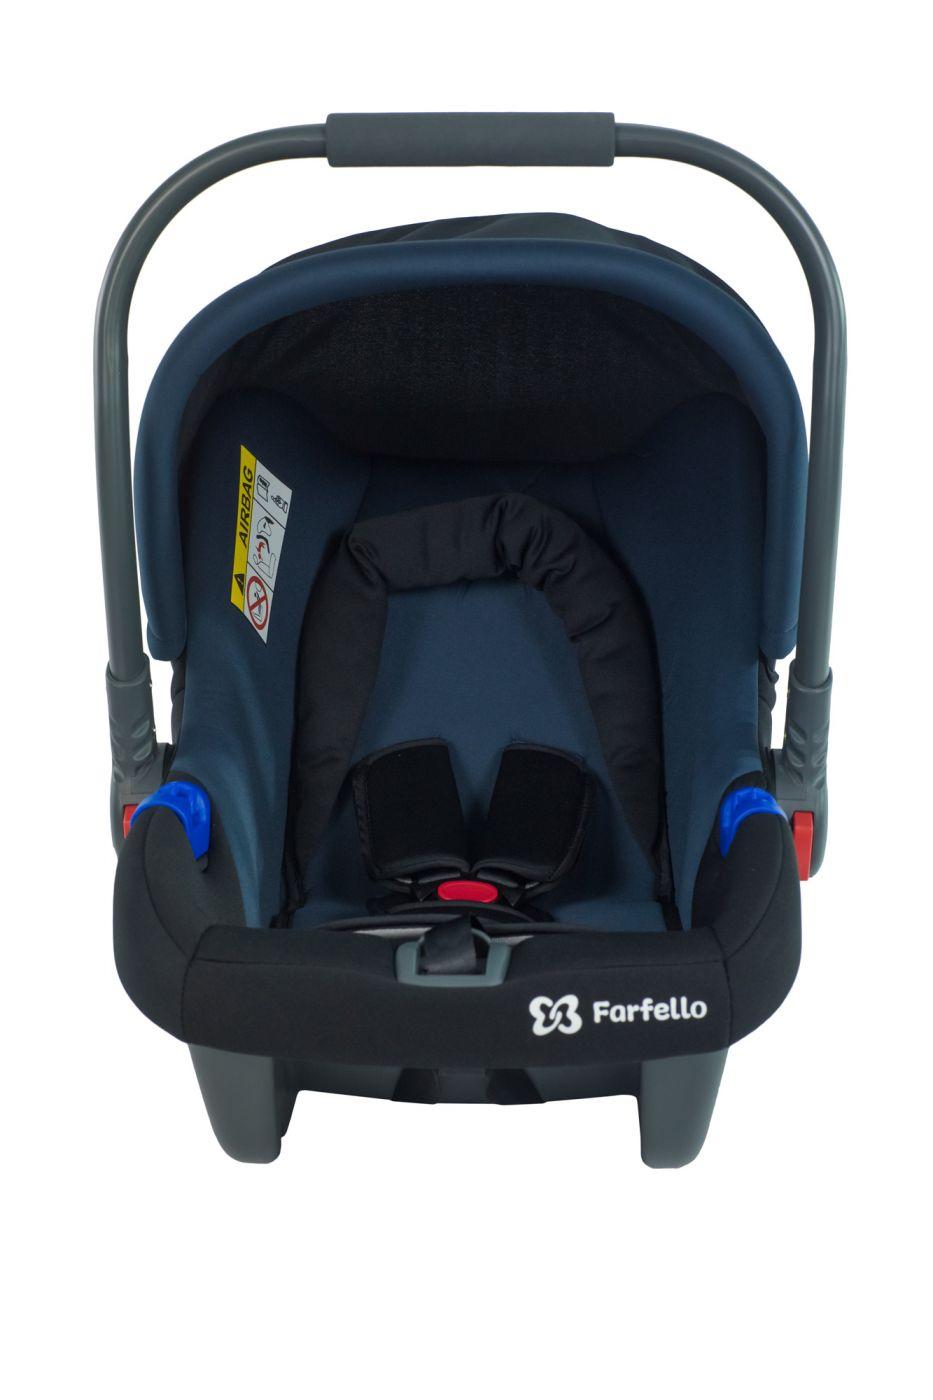 Автокресло детское к коляске Aimile KS-2150/a сине-чёрный / blue, KS-2150/abl